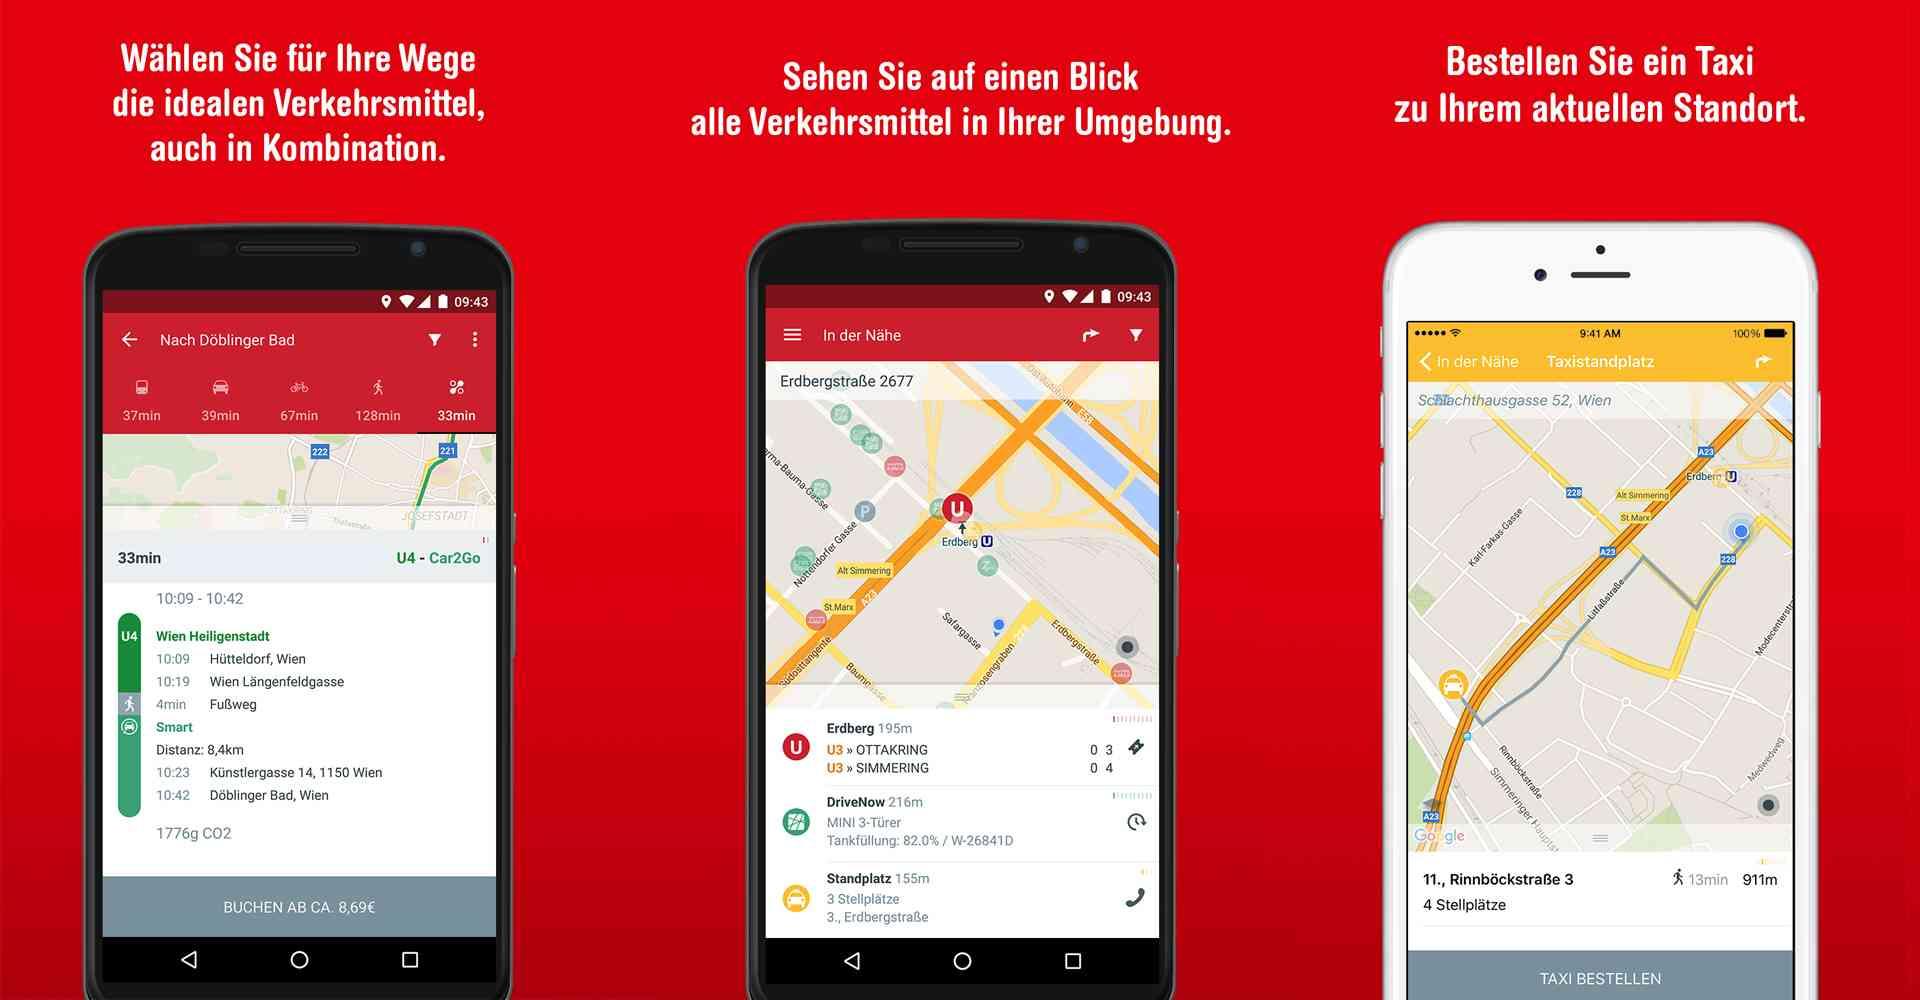 Alle Verkehrsmittel auf der Umgebungskarte plus Routenplanung für alle Verkehrsmittel - das ist WienMobil Lab. zusätzlich können Sie Car- und Bikesharing-Fahrzeuge sowie Taxis reservieren.